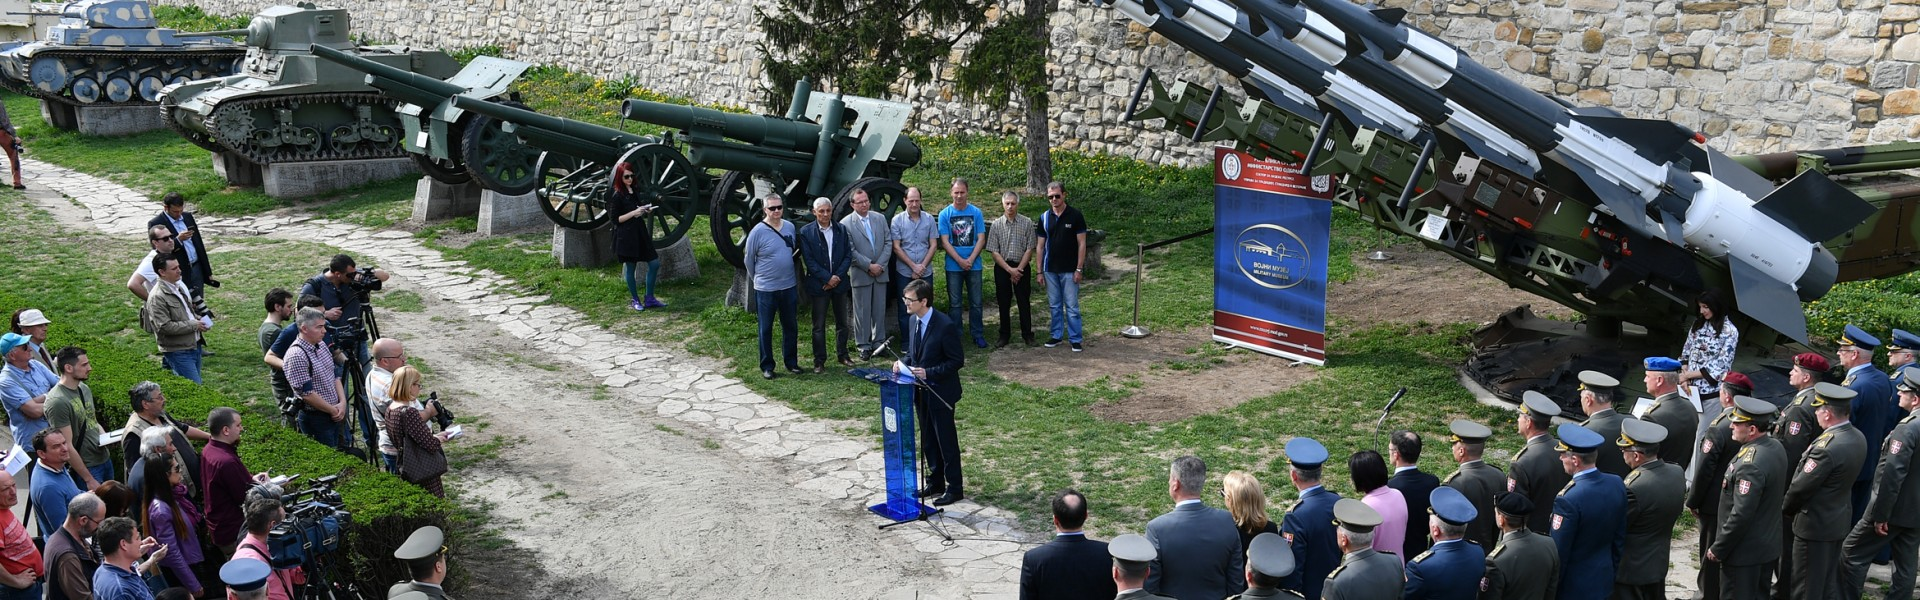 Лансирна рампа и ракете НЕВА за Дан сећања